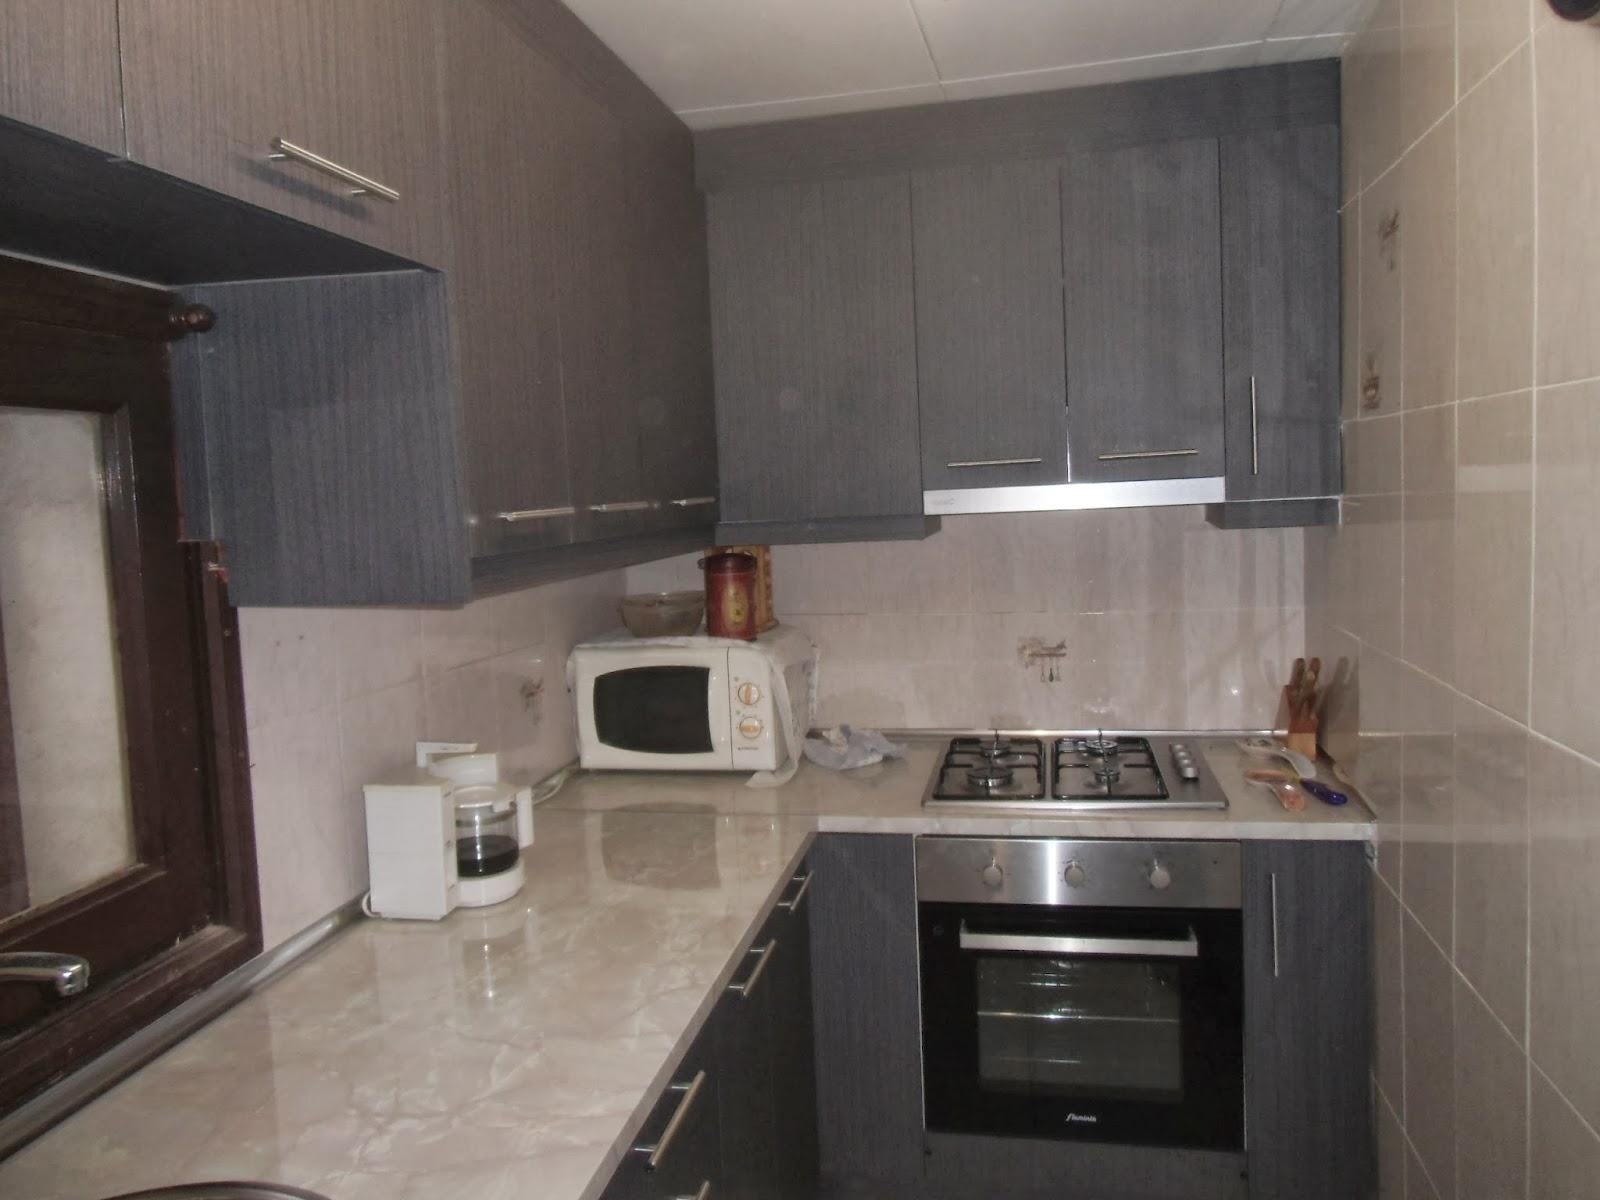 Kit oulet 2012 ofertas enero - Encimera marmol precio ...